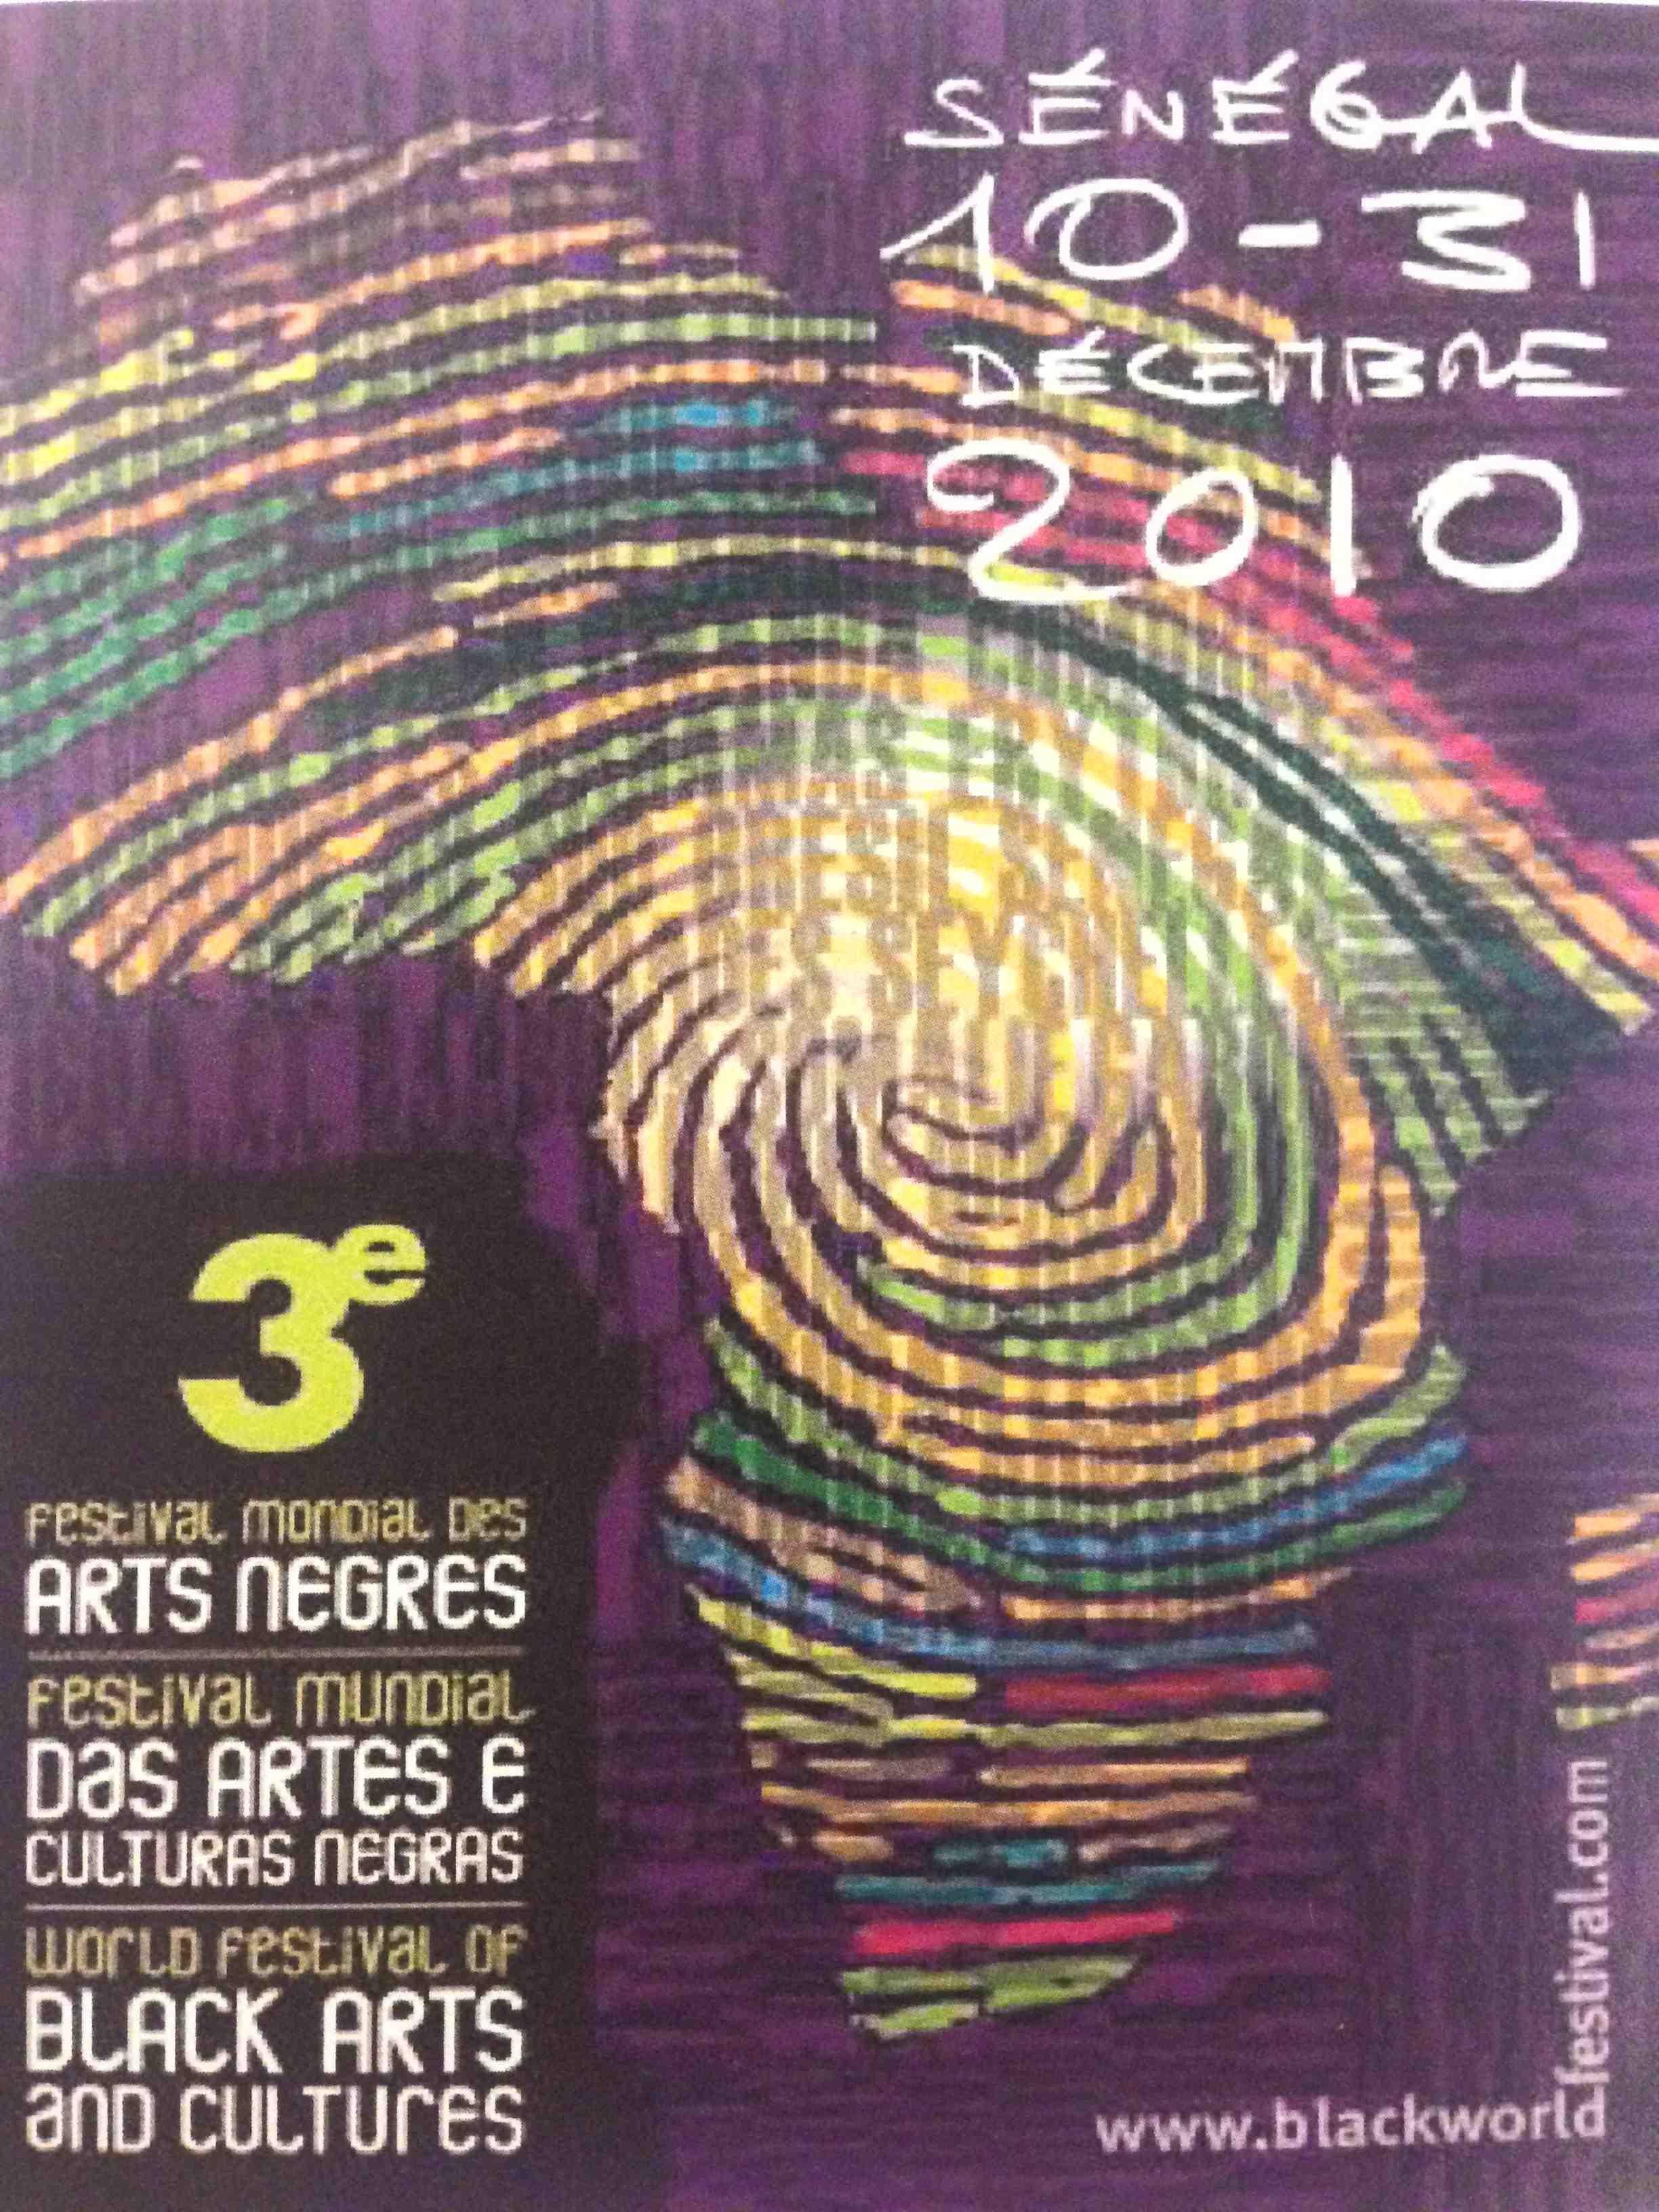 FESTIVAL MONDIAL DES ARTS NÈGRES